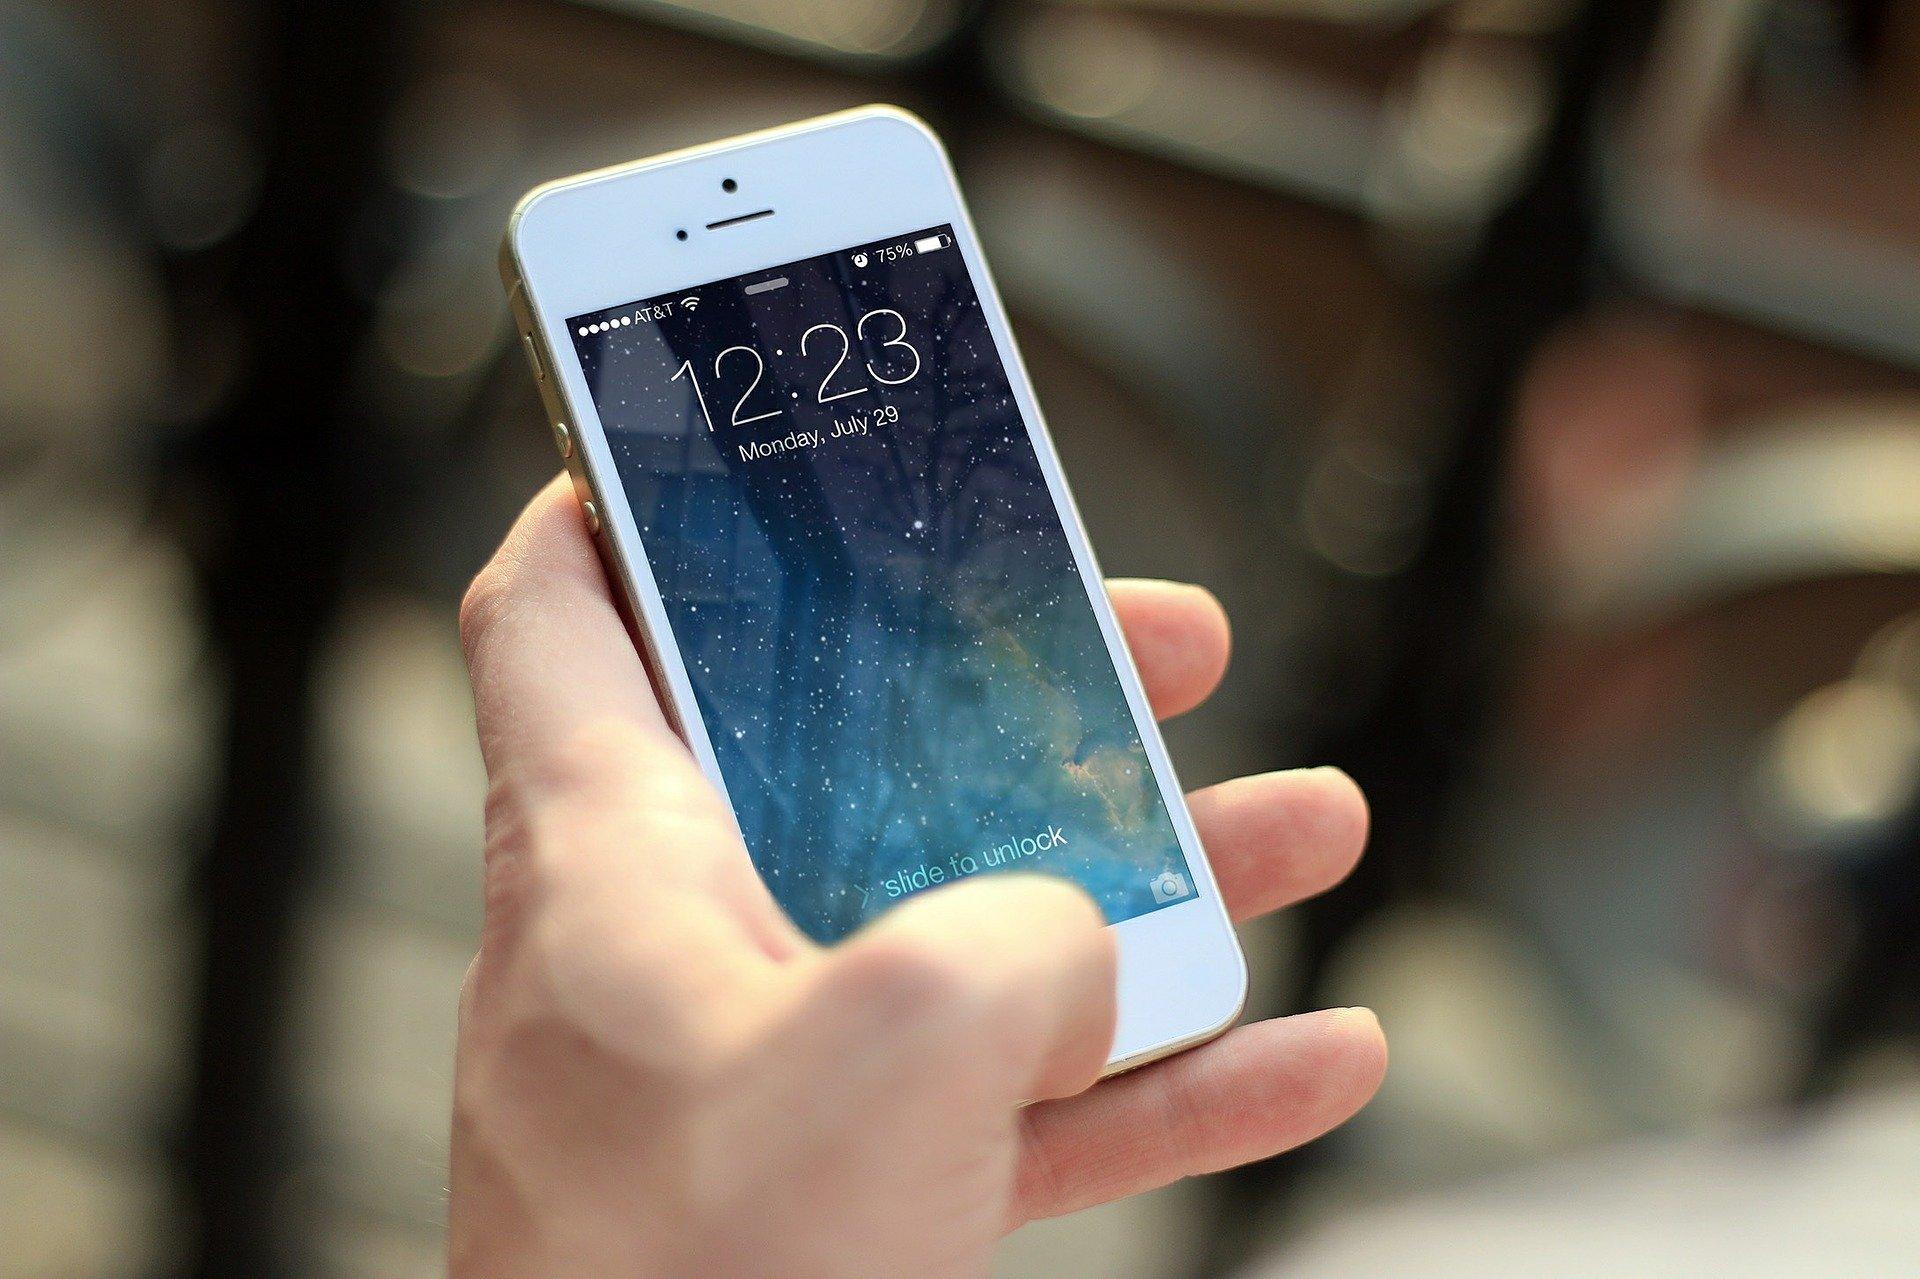 Les iPhones bientôt connectés à Internet sans besoin d'opérateur ?